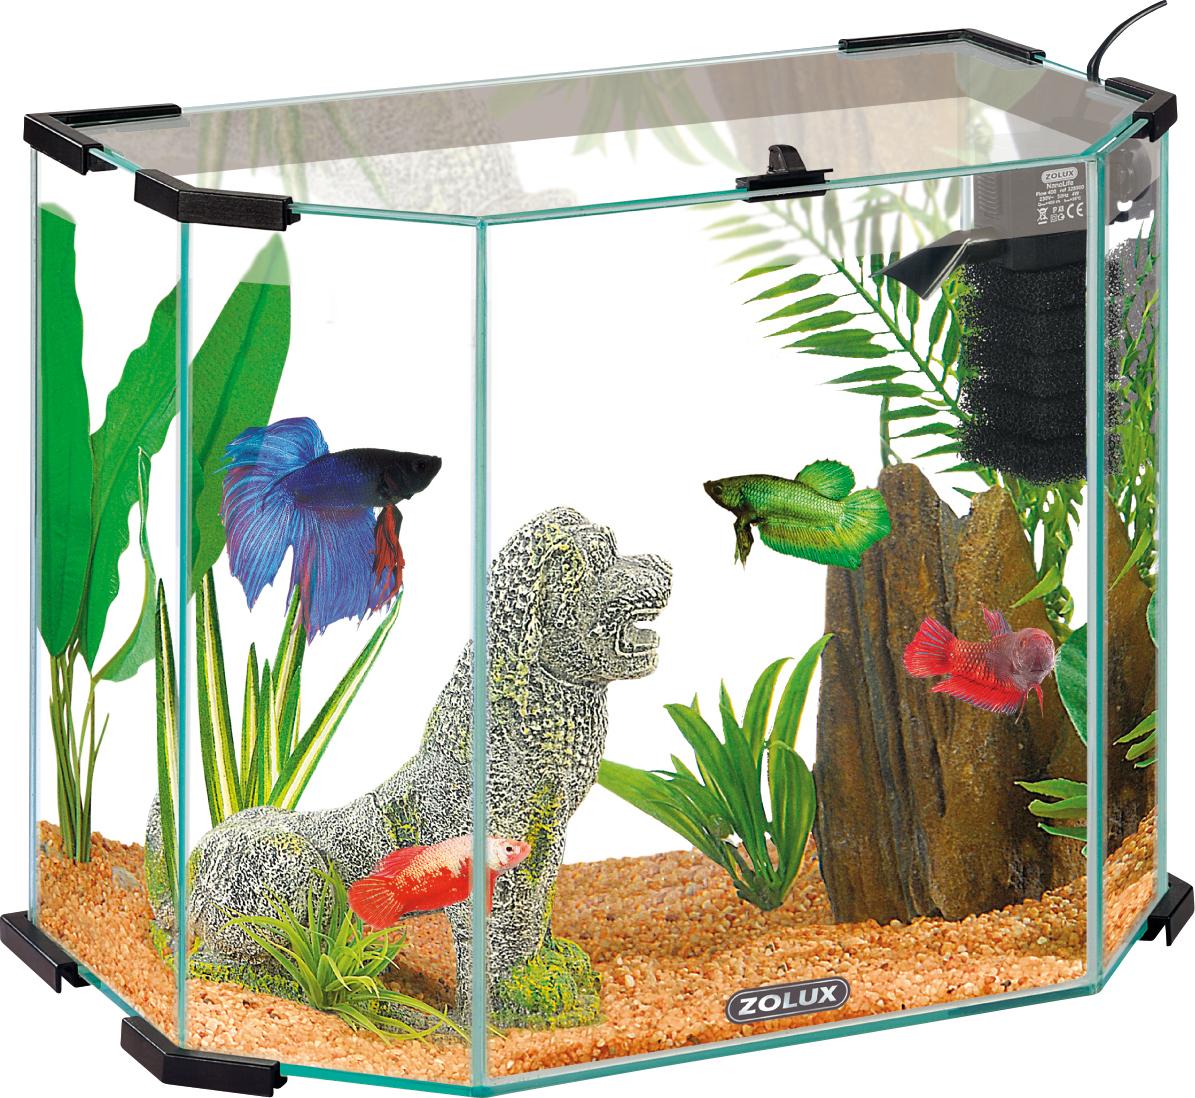 Zolux aquarium aquarium zolux 28 images aquarium 10 litres for Aquarium zolux